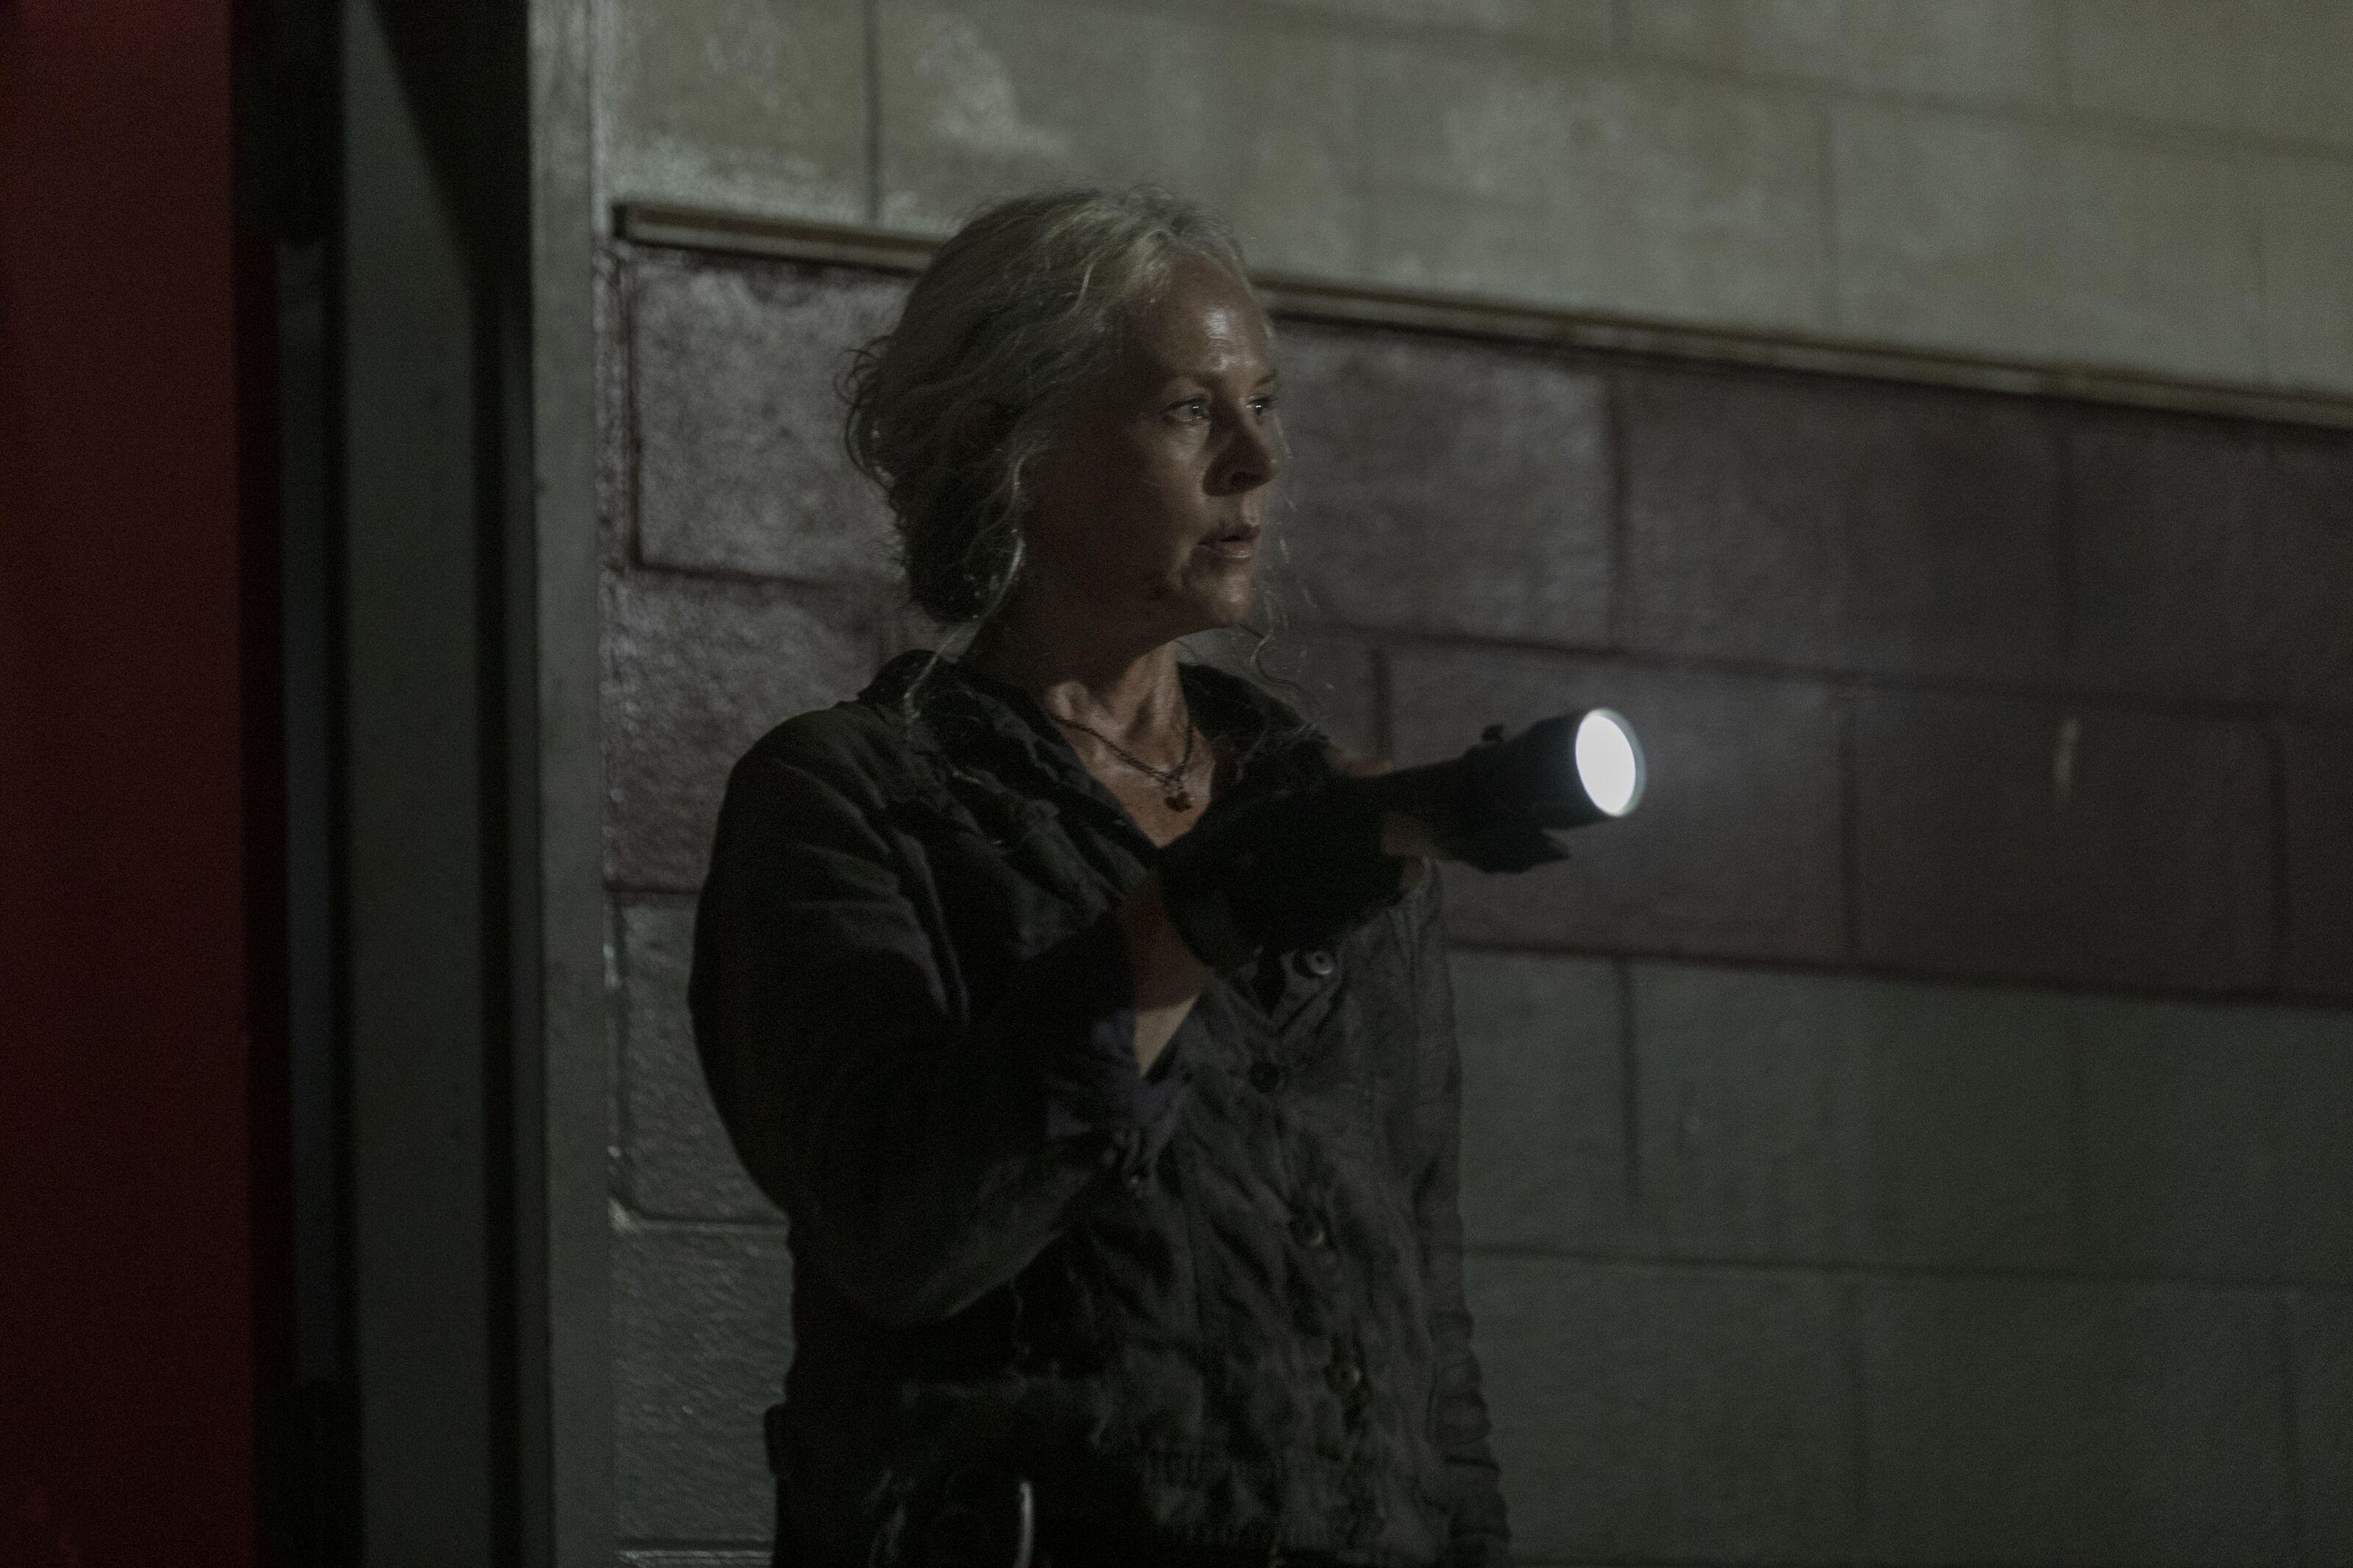 Watch The Walking Dead Season 10, Episode 3 Ghosts